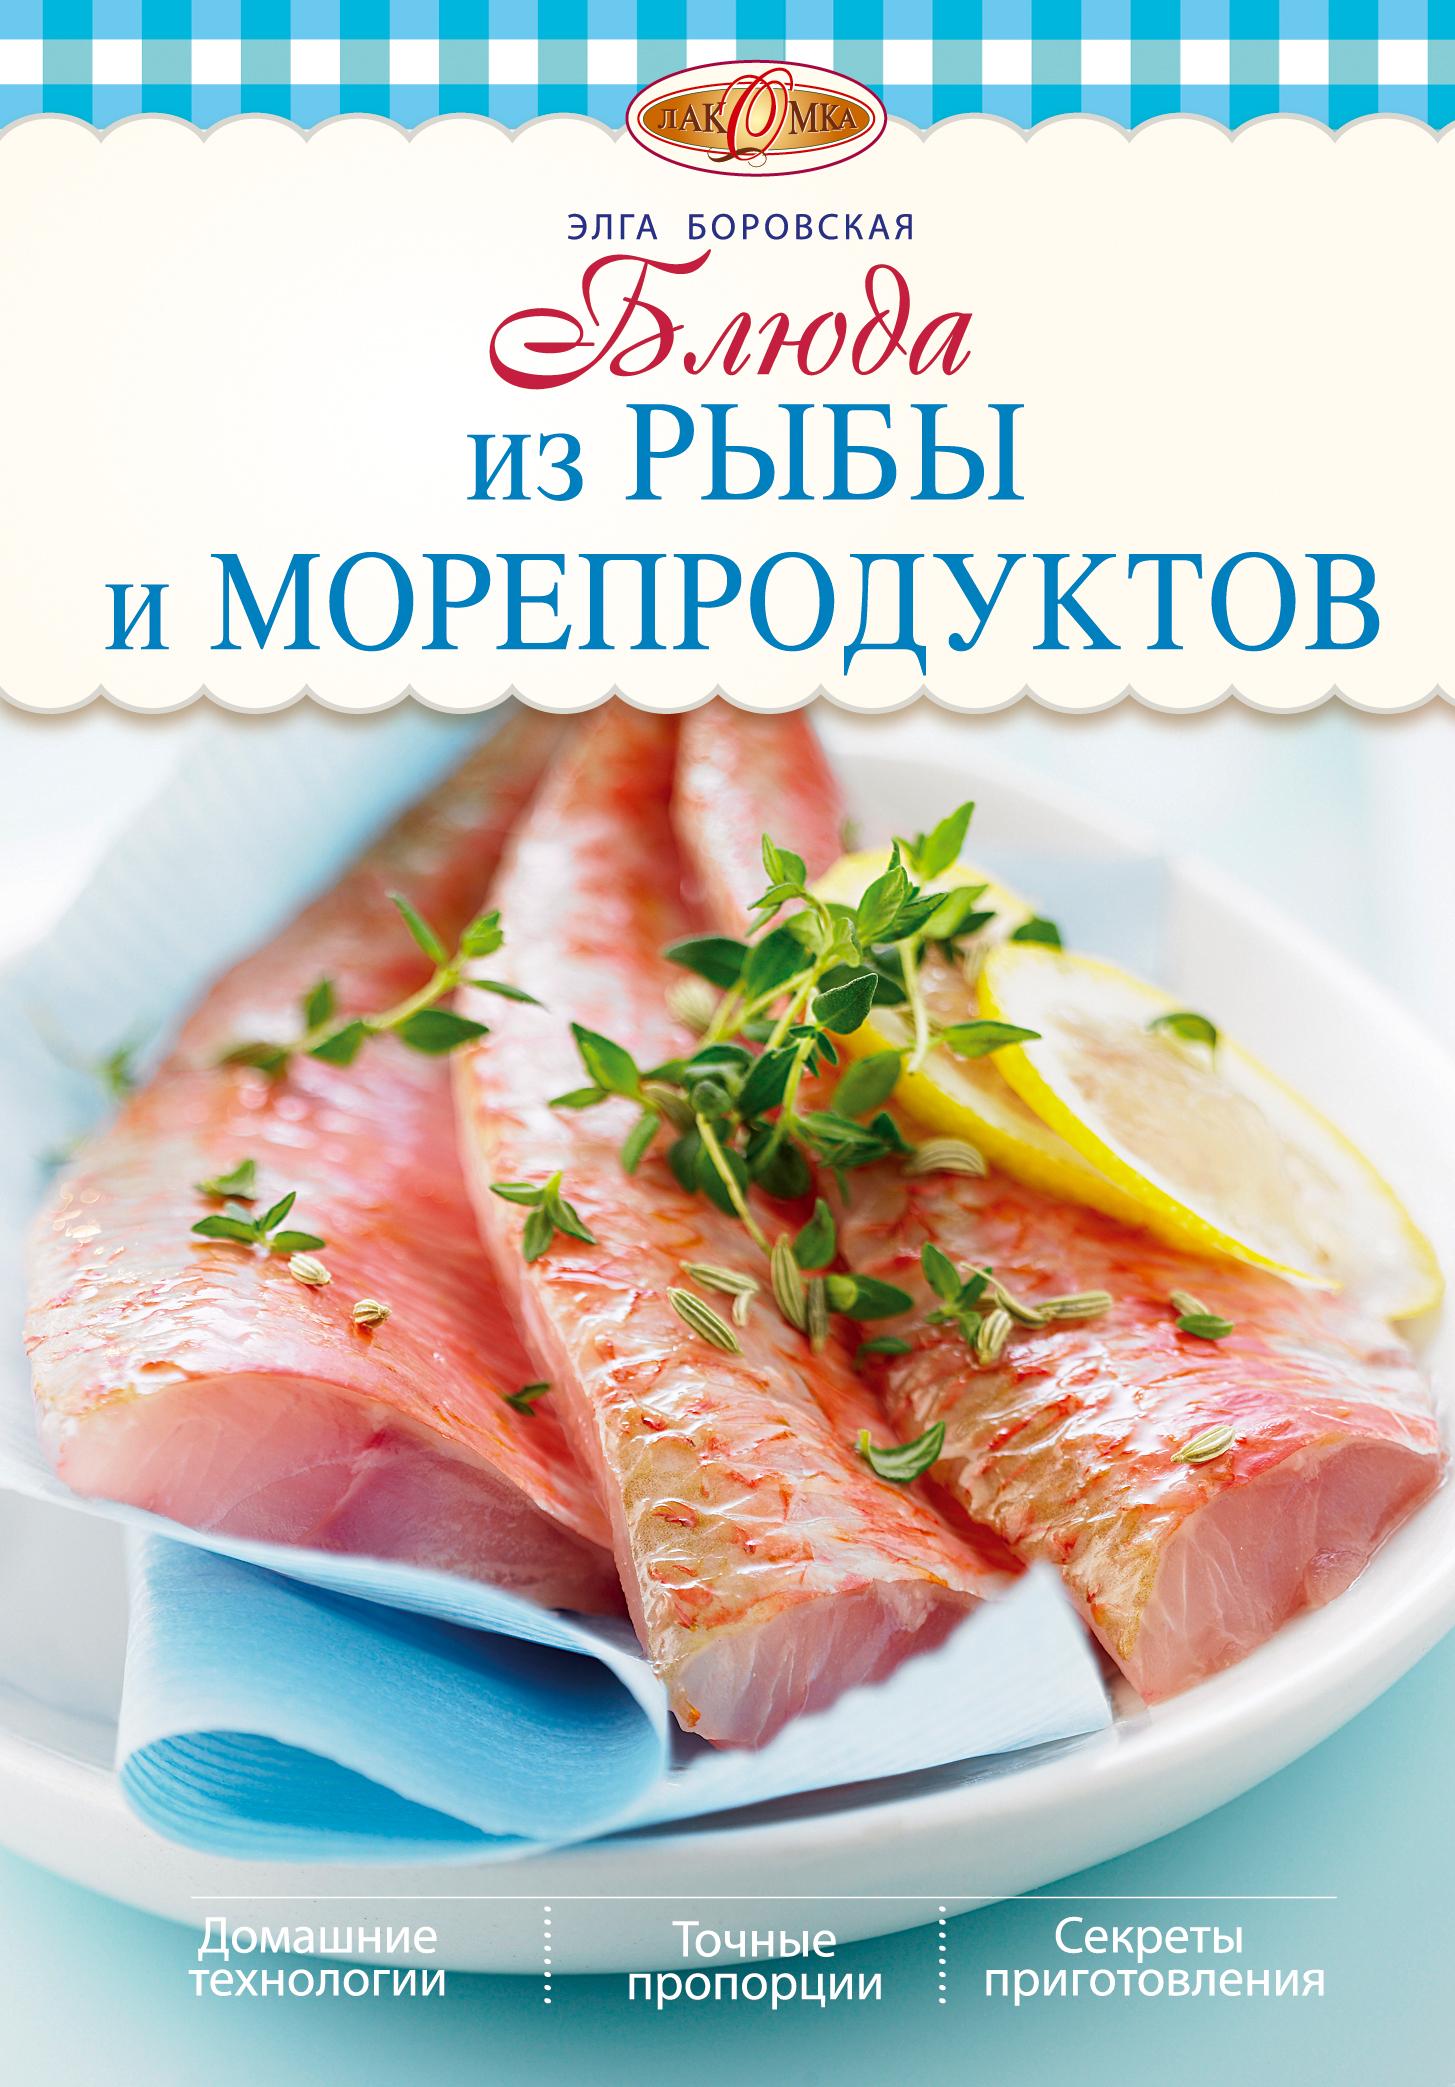 Боровская Э. Блюда из рыбы и морепродуктов боровская э как правильно приготовить русские блюда